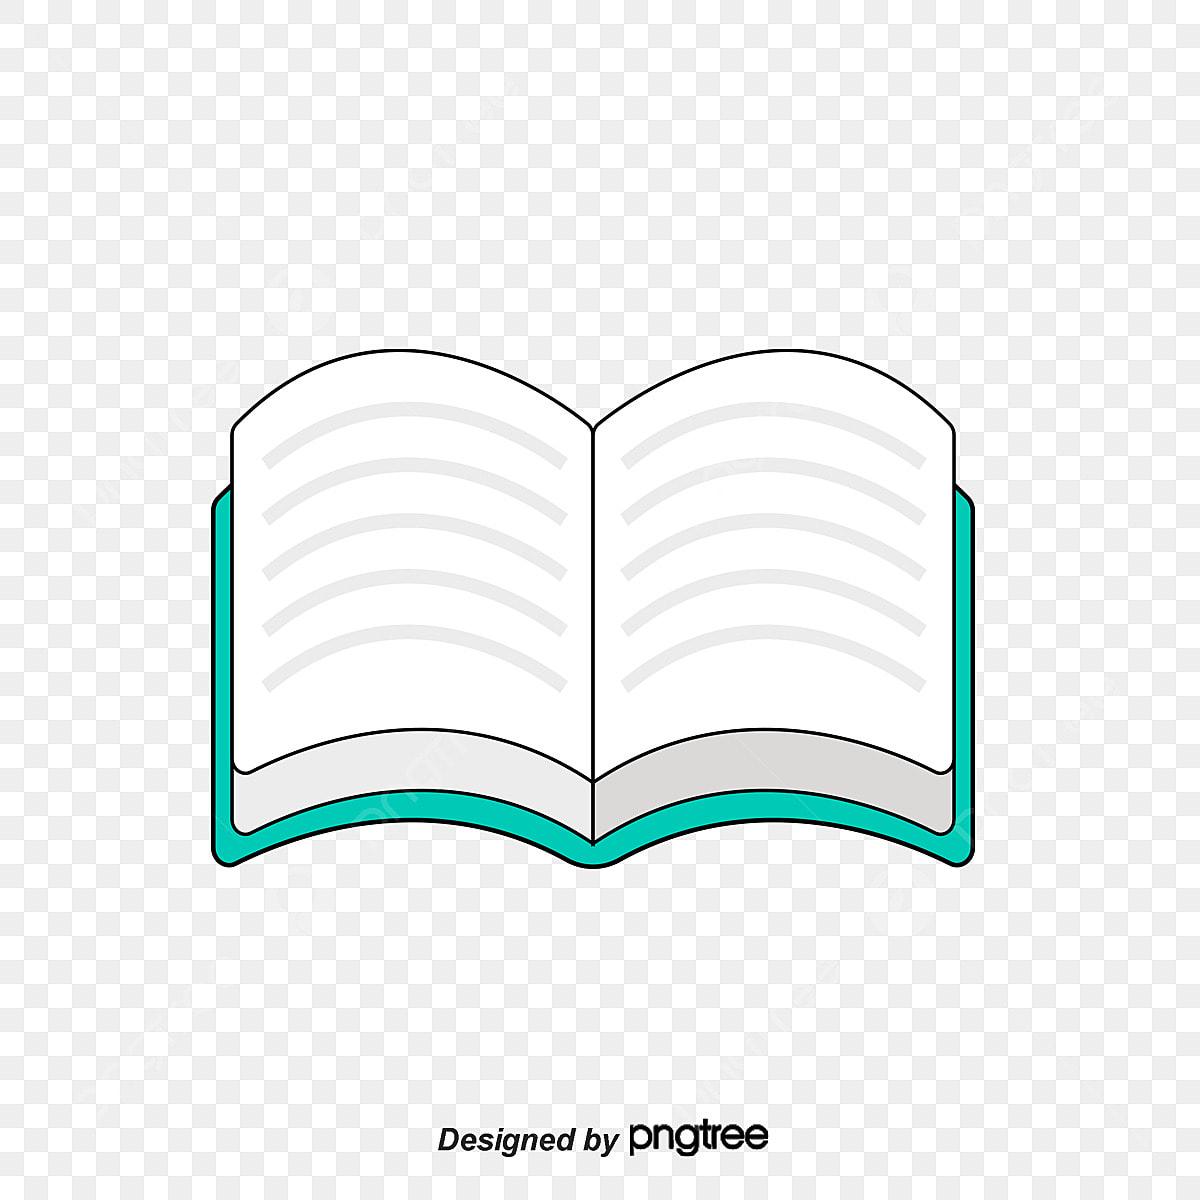 101 Gambar Buku Vektor Png Paling Hist Gambar Pixabay